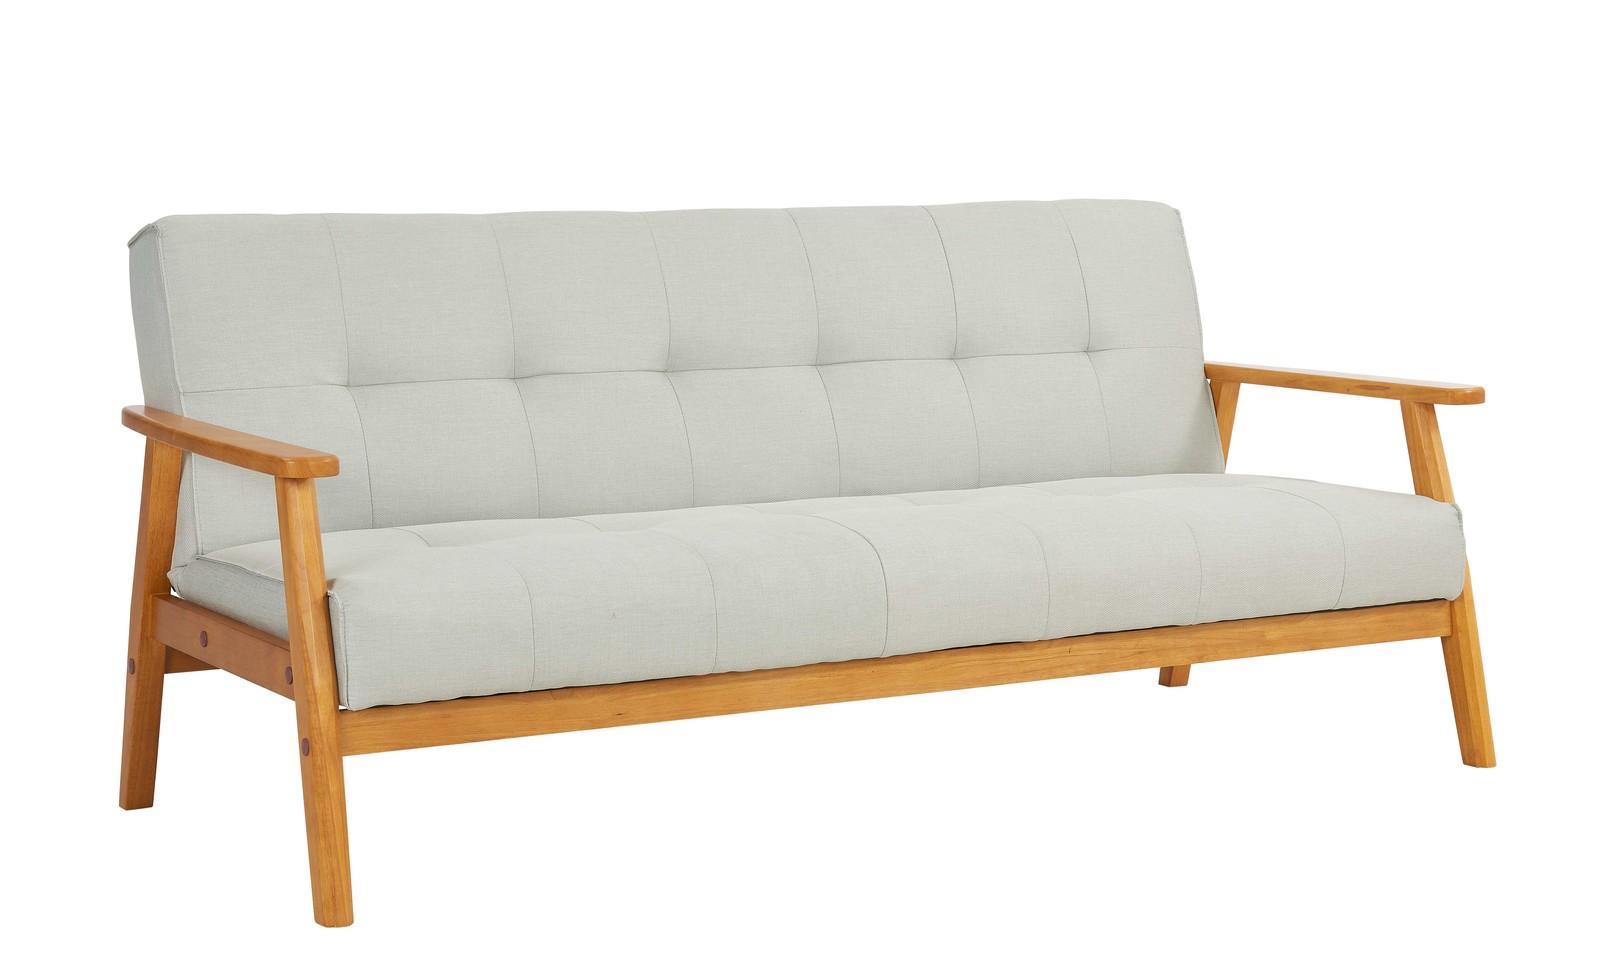 Full Size of Couch Ausklappbar Schlafsofa Grau Skandinavisch Design Sofas Couches Bett Ausklappbares Wohnzimmer Couch Ausklappbar